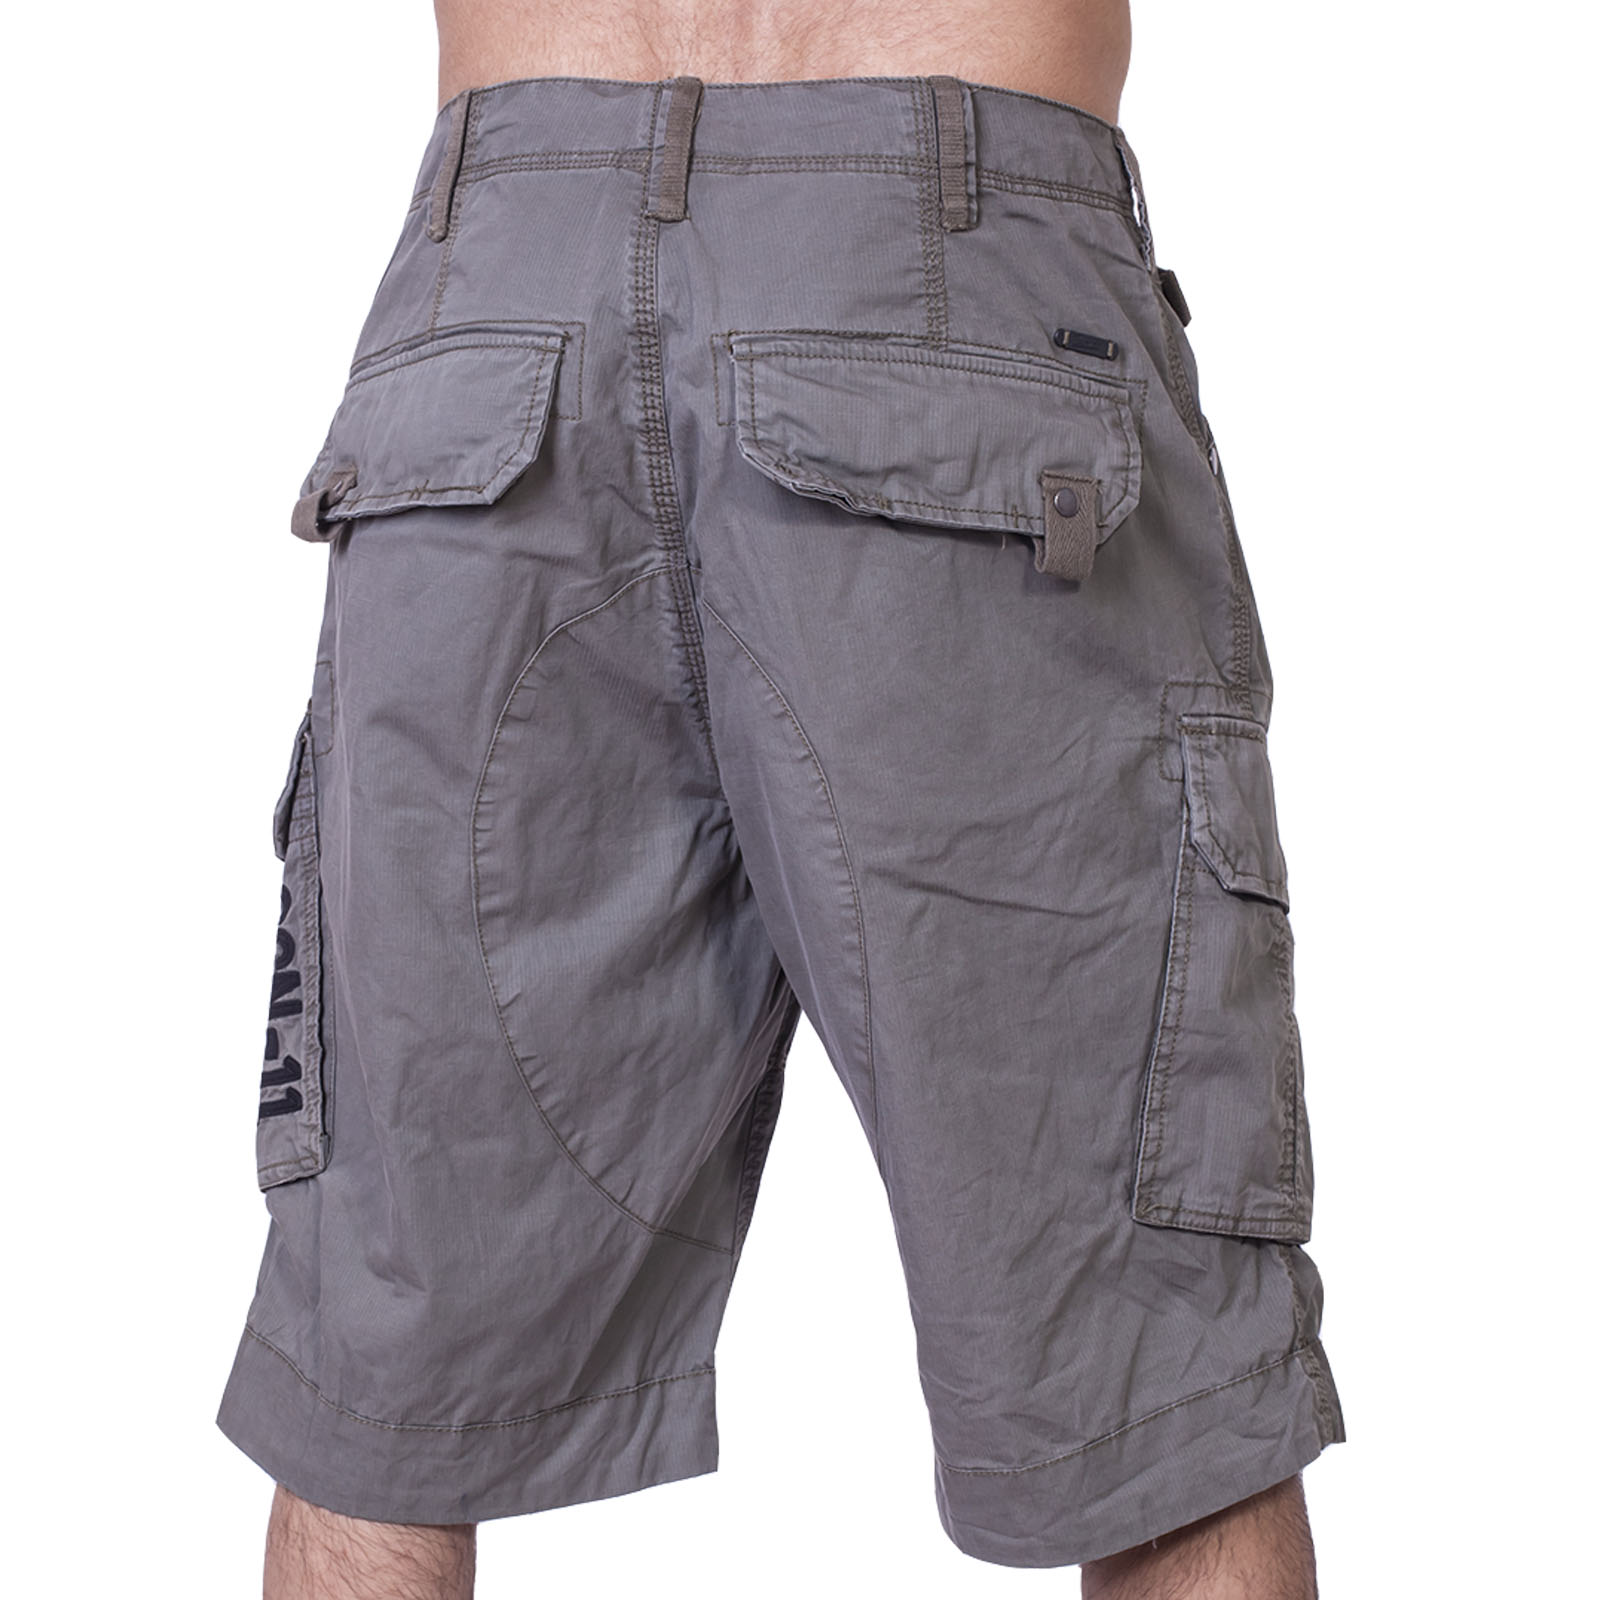 Продажа мужских шорт оптом и в розницу – брендовые новинки